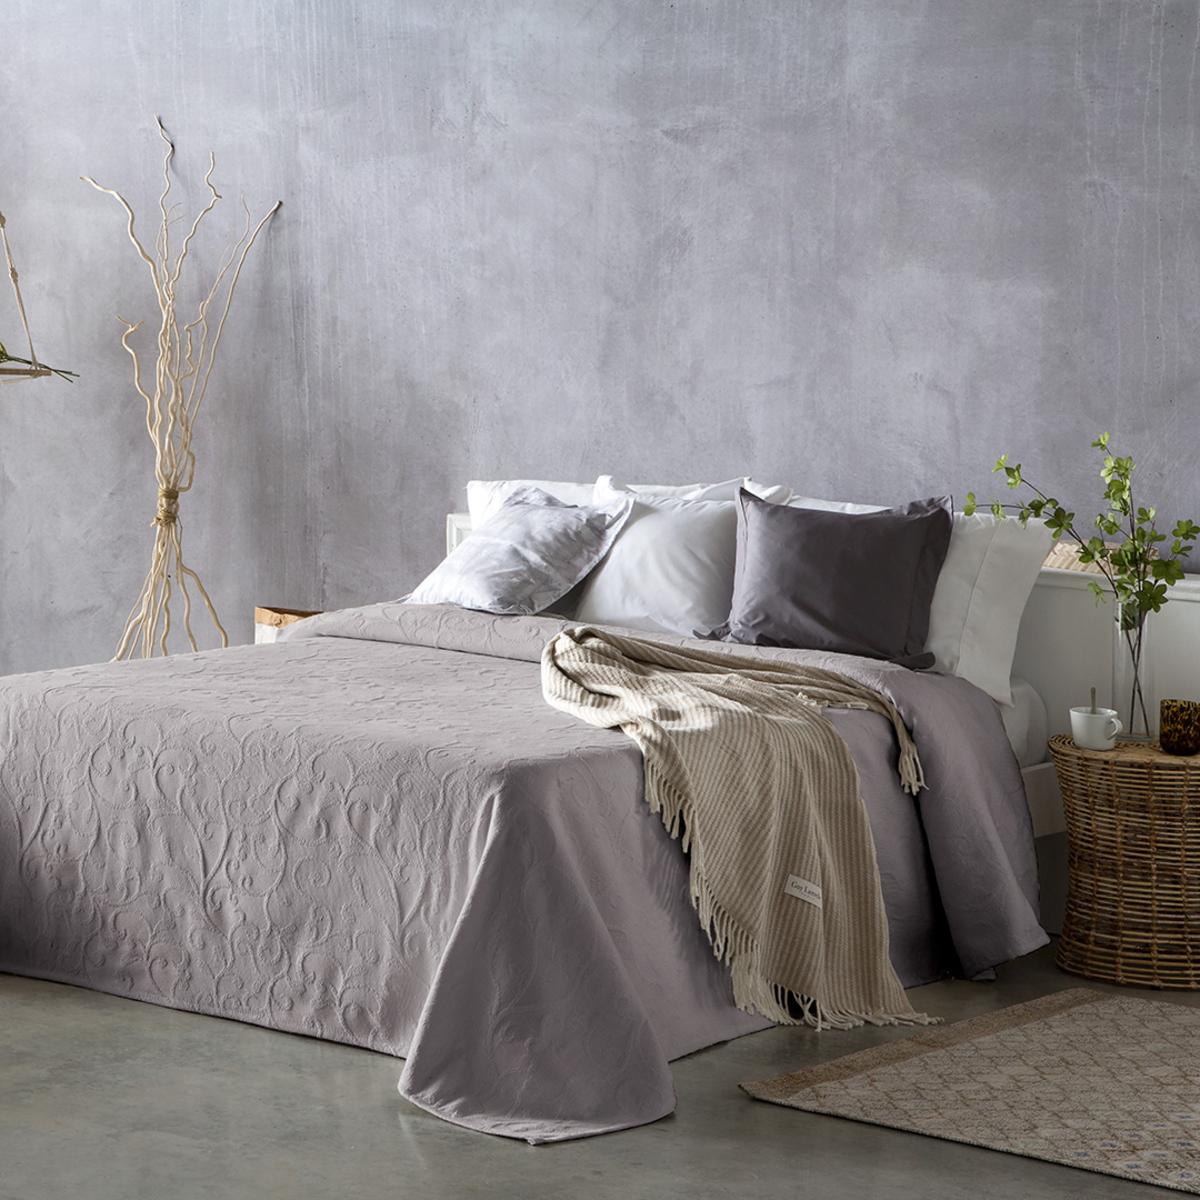 Couvre lit en coton gris 230x270